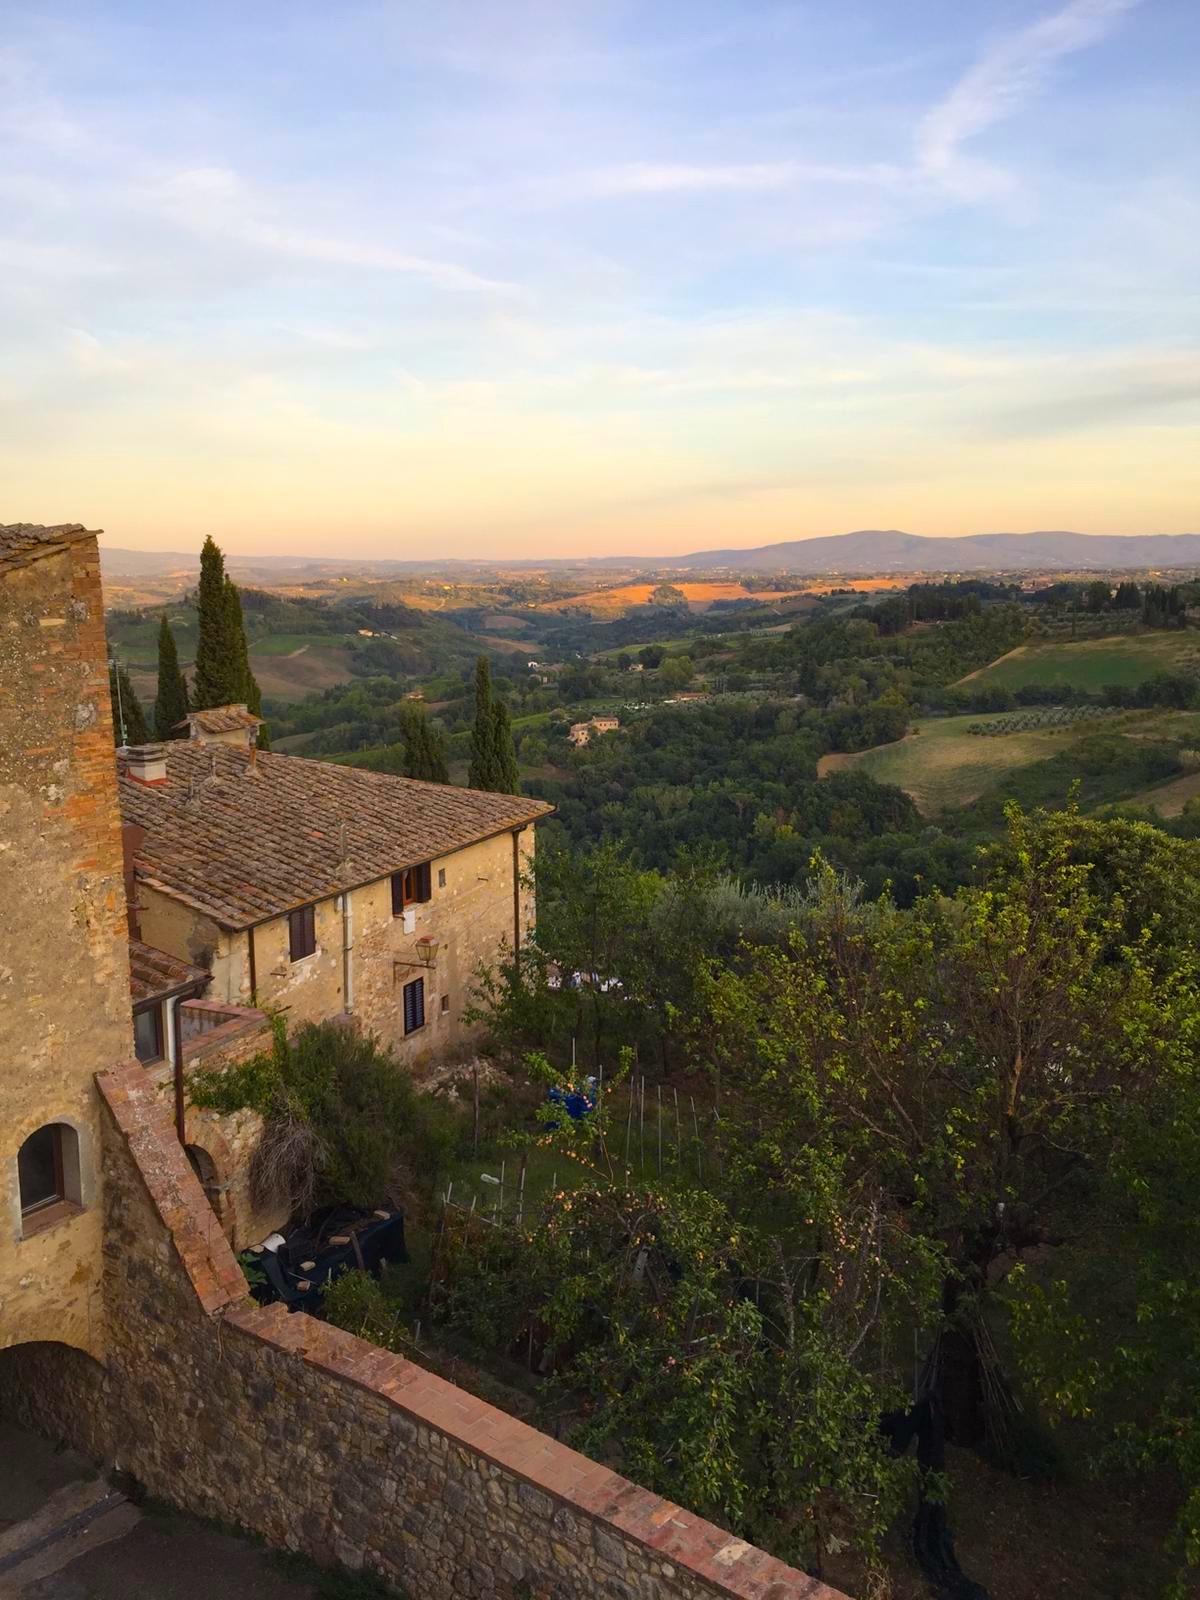 Autumn in Italy - Tuscany